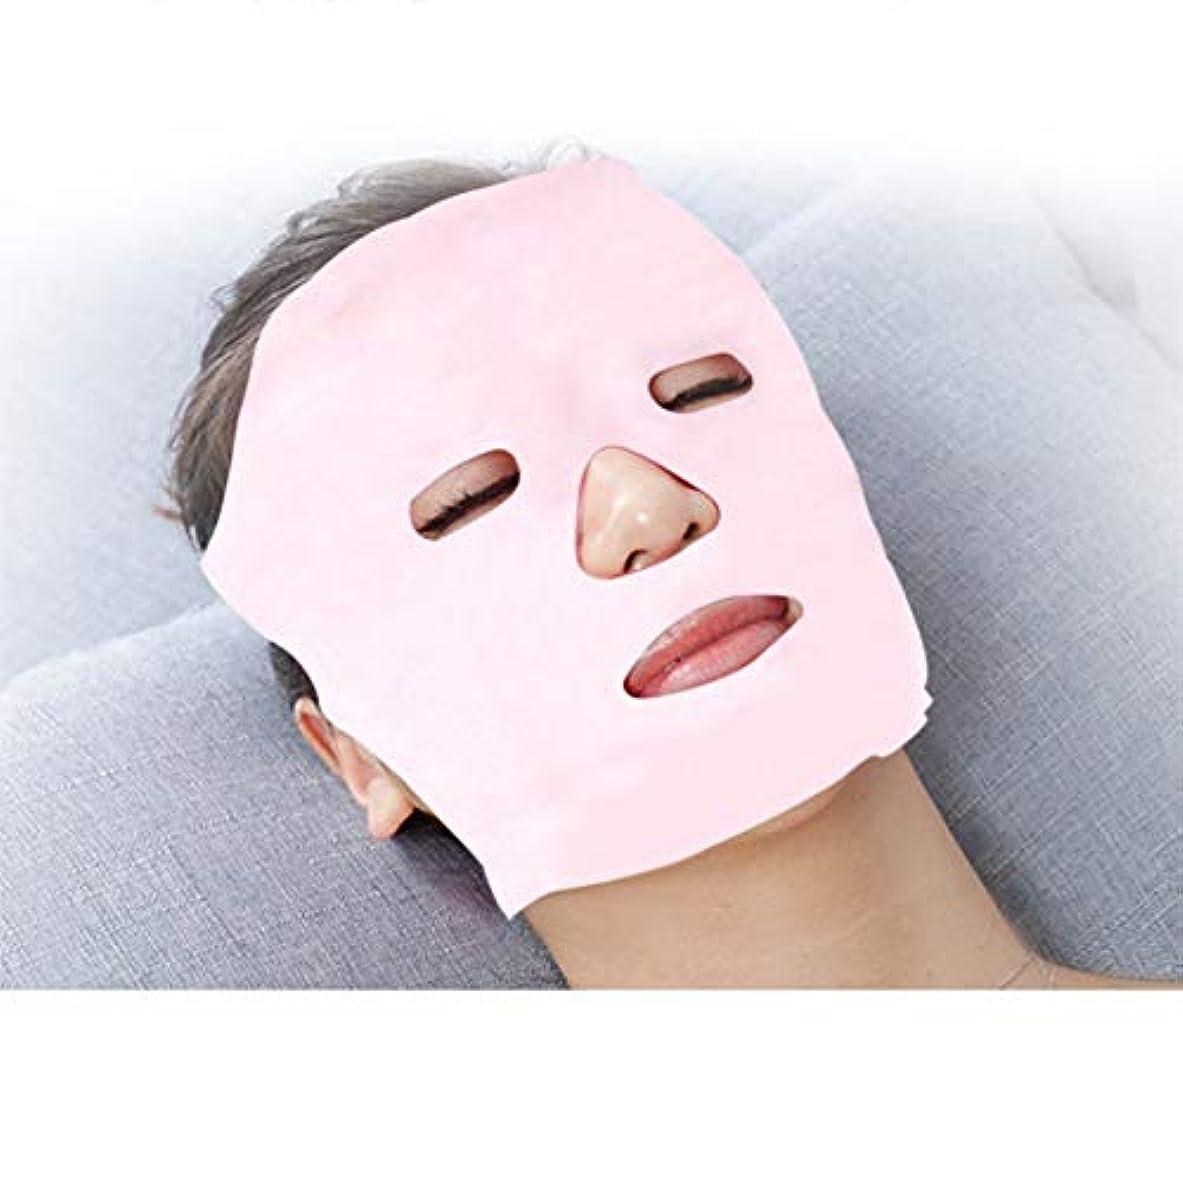 トルマリンジェル マグネットマスク マッサージマスク 颜美容 フェイスマスク 薄い顔 肤色を明るく ヘルスケアマスク 磁気 ェイスポーチ Cutelove